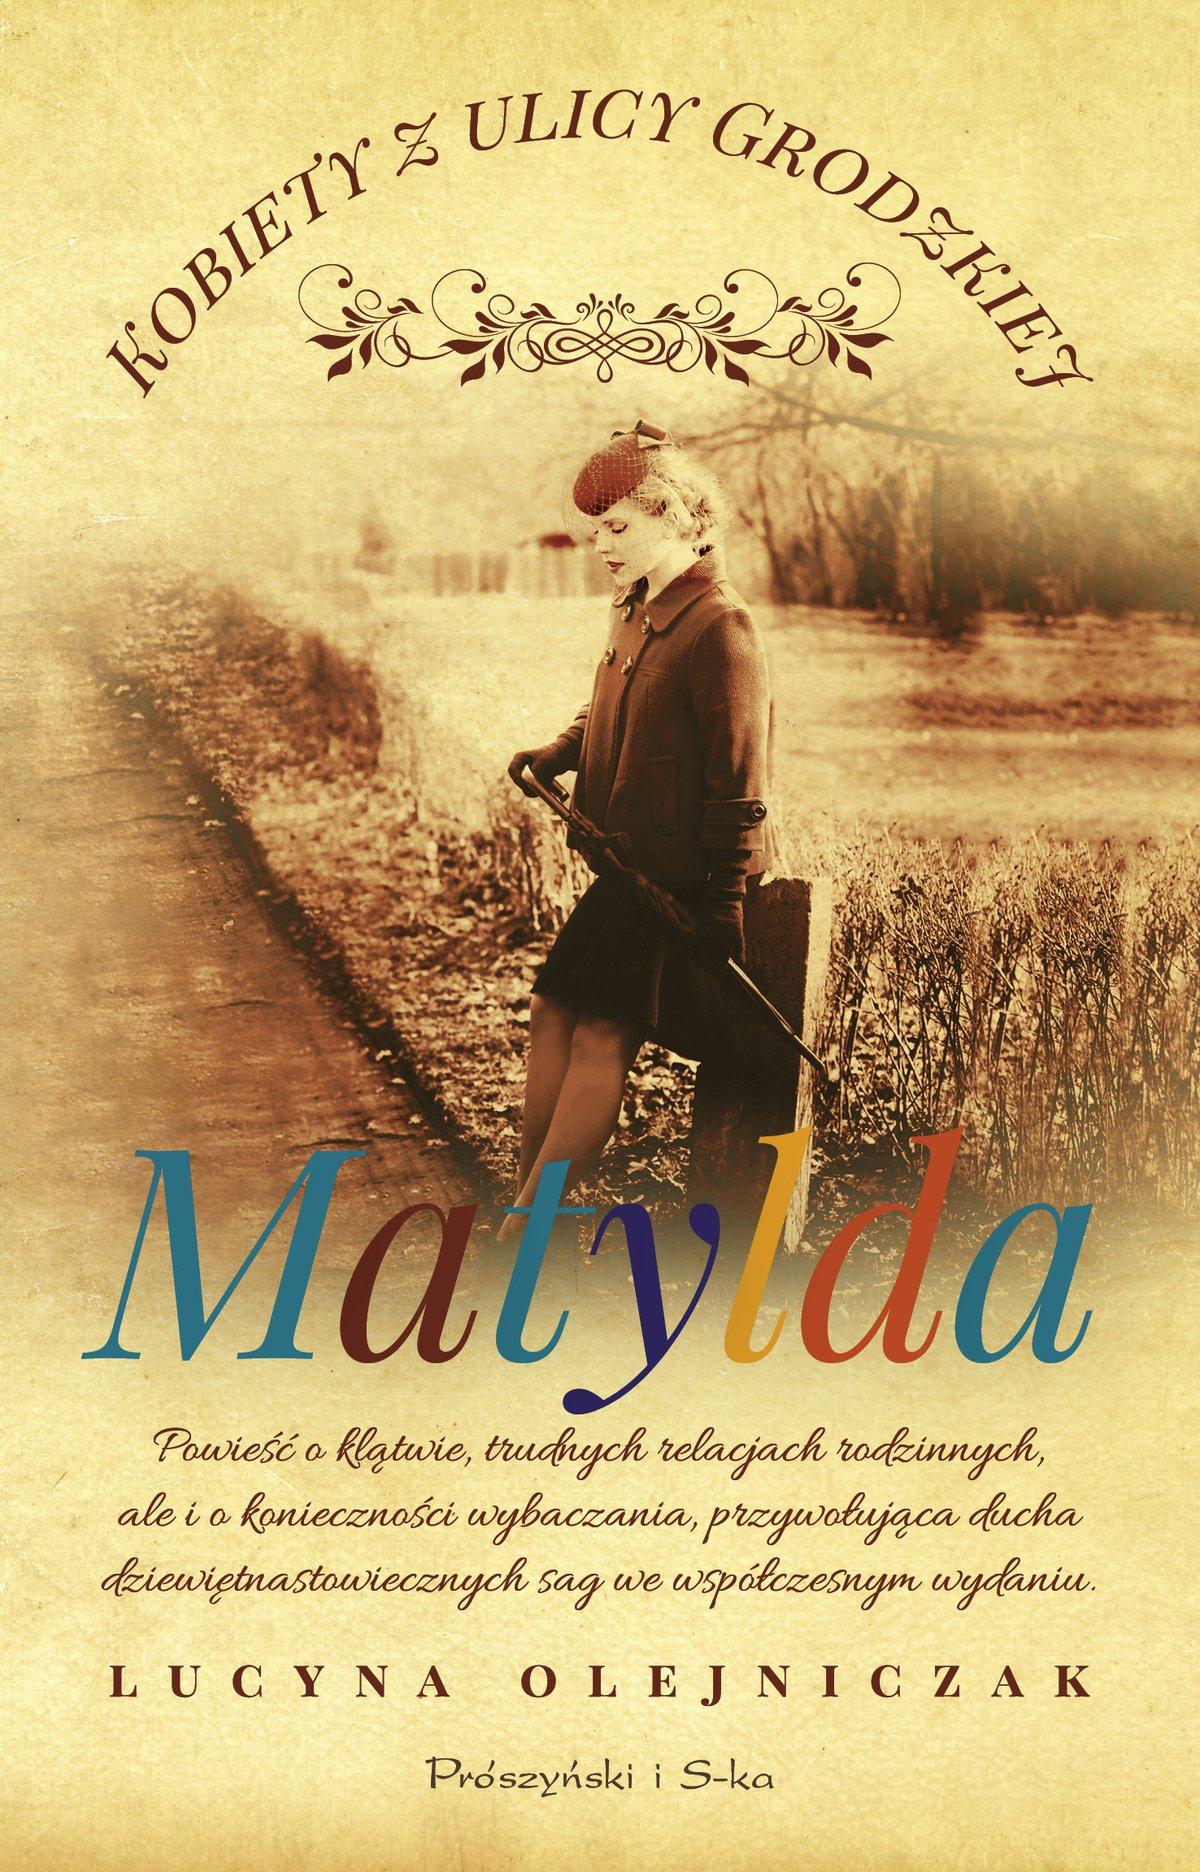 Kobiety z ulicy Grodzkiej. Matylda - Ebook (Książka EPUB) do pobrania w formacie EPUB